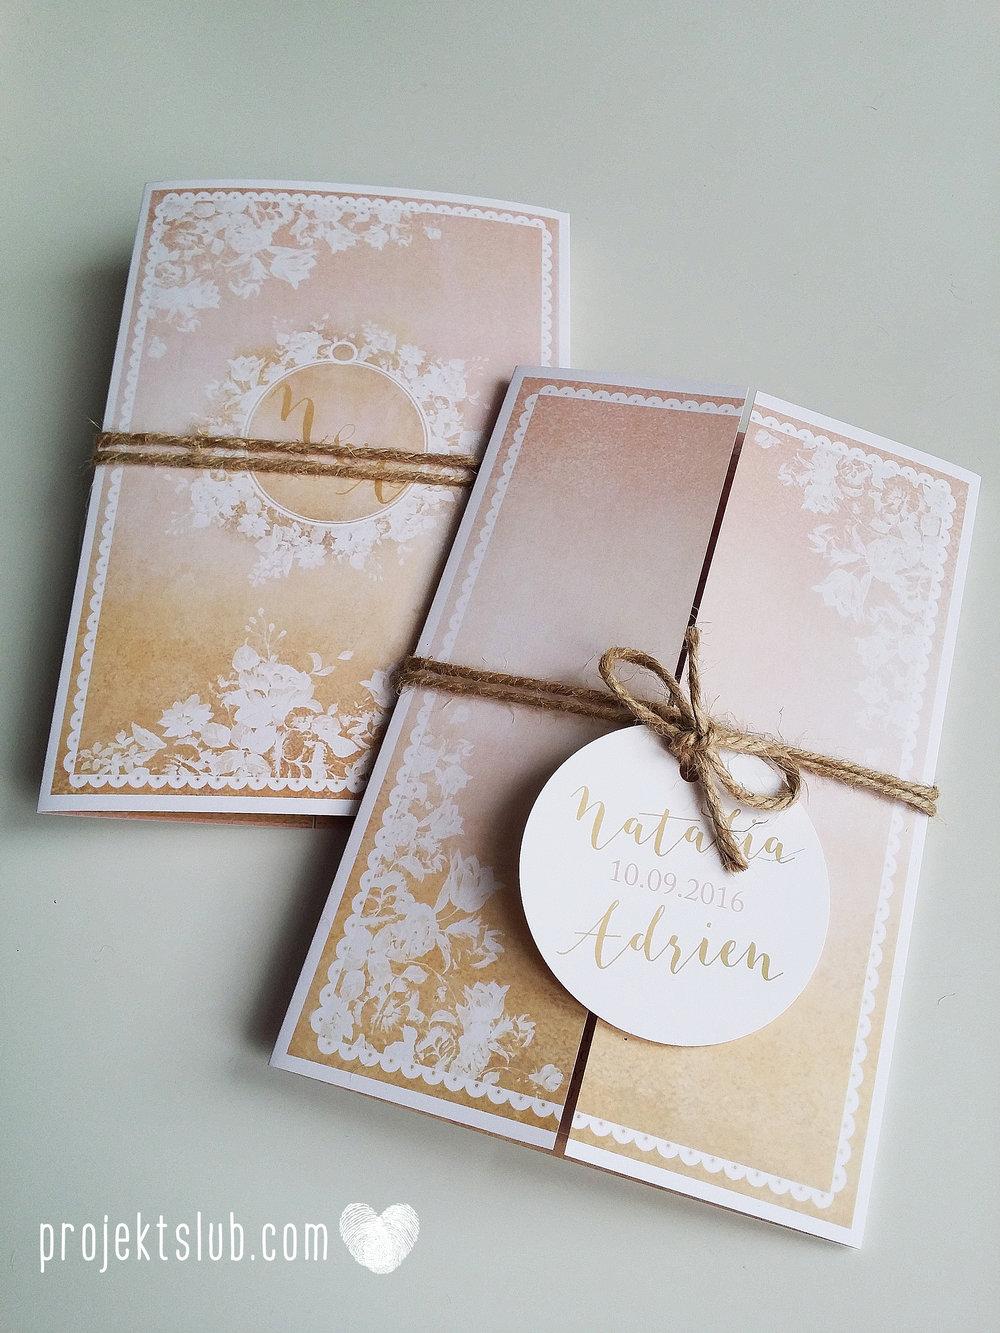 Zaproszenia ślubne rustykalne oryginalne wyjątkowe rustic eleganckie złoty róż ornamenty Projekt Ślub (39).jpg